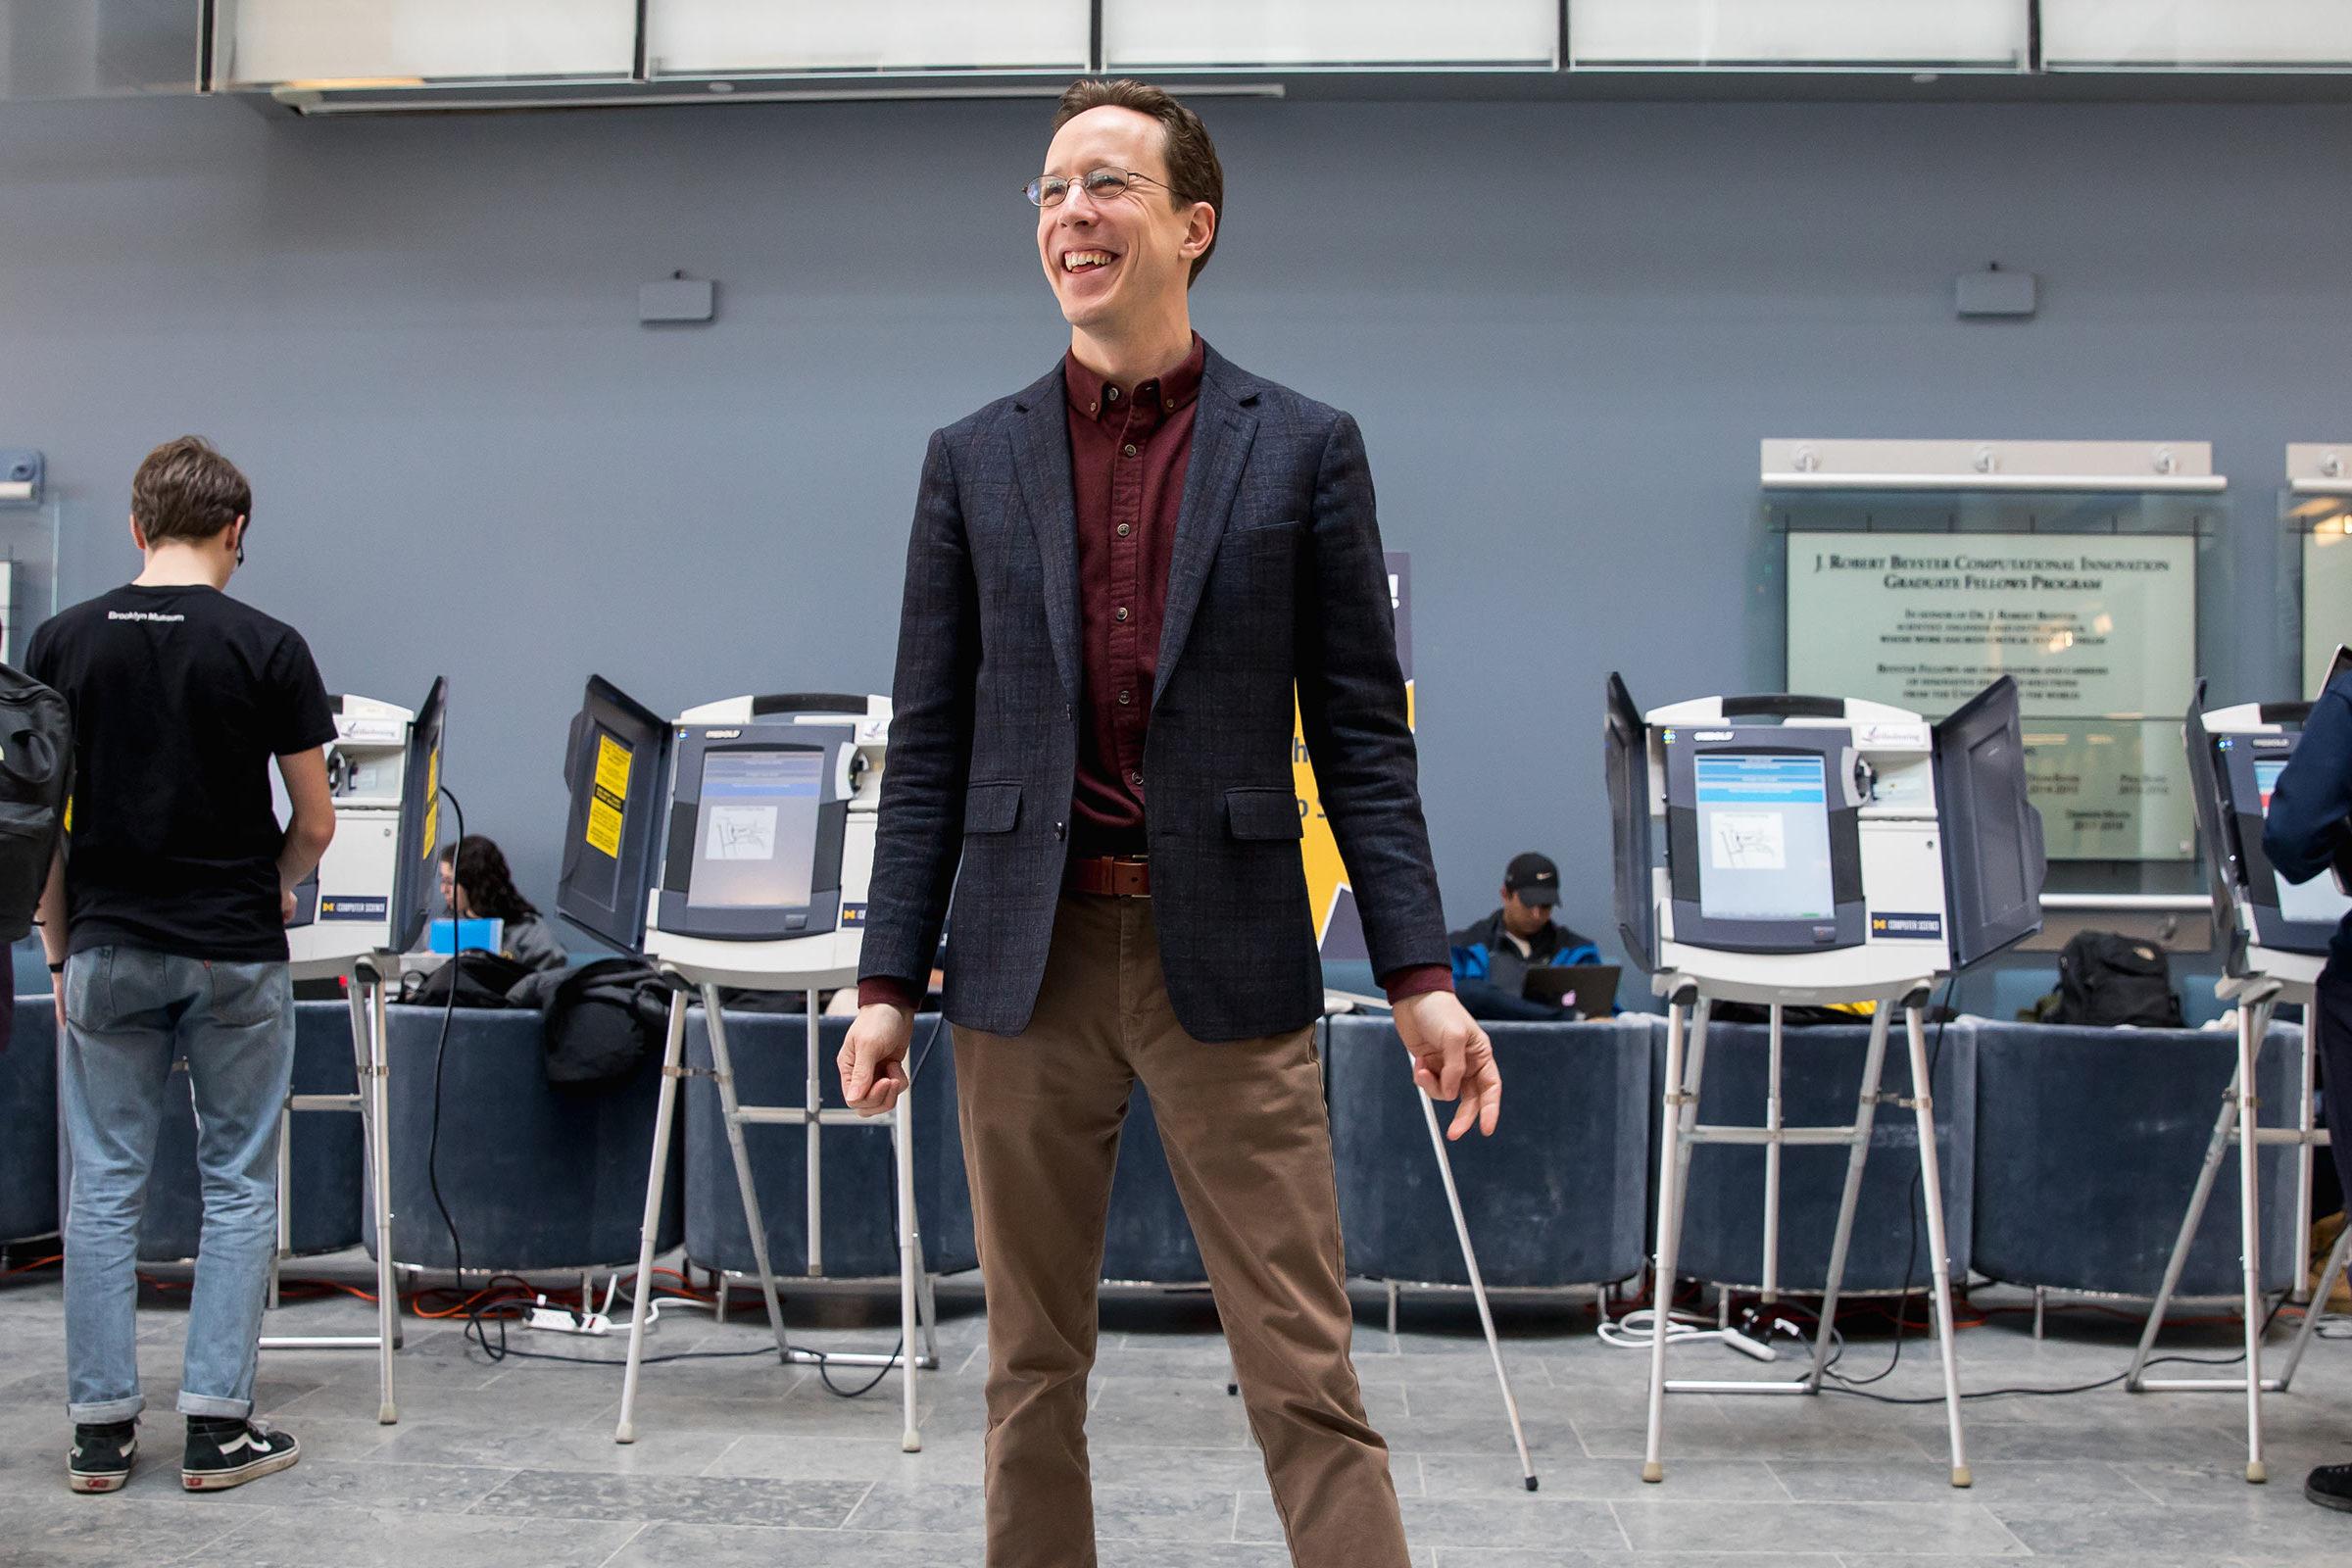 Halderman standing in front of voting machines